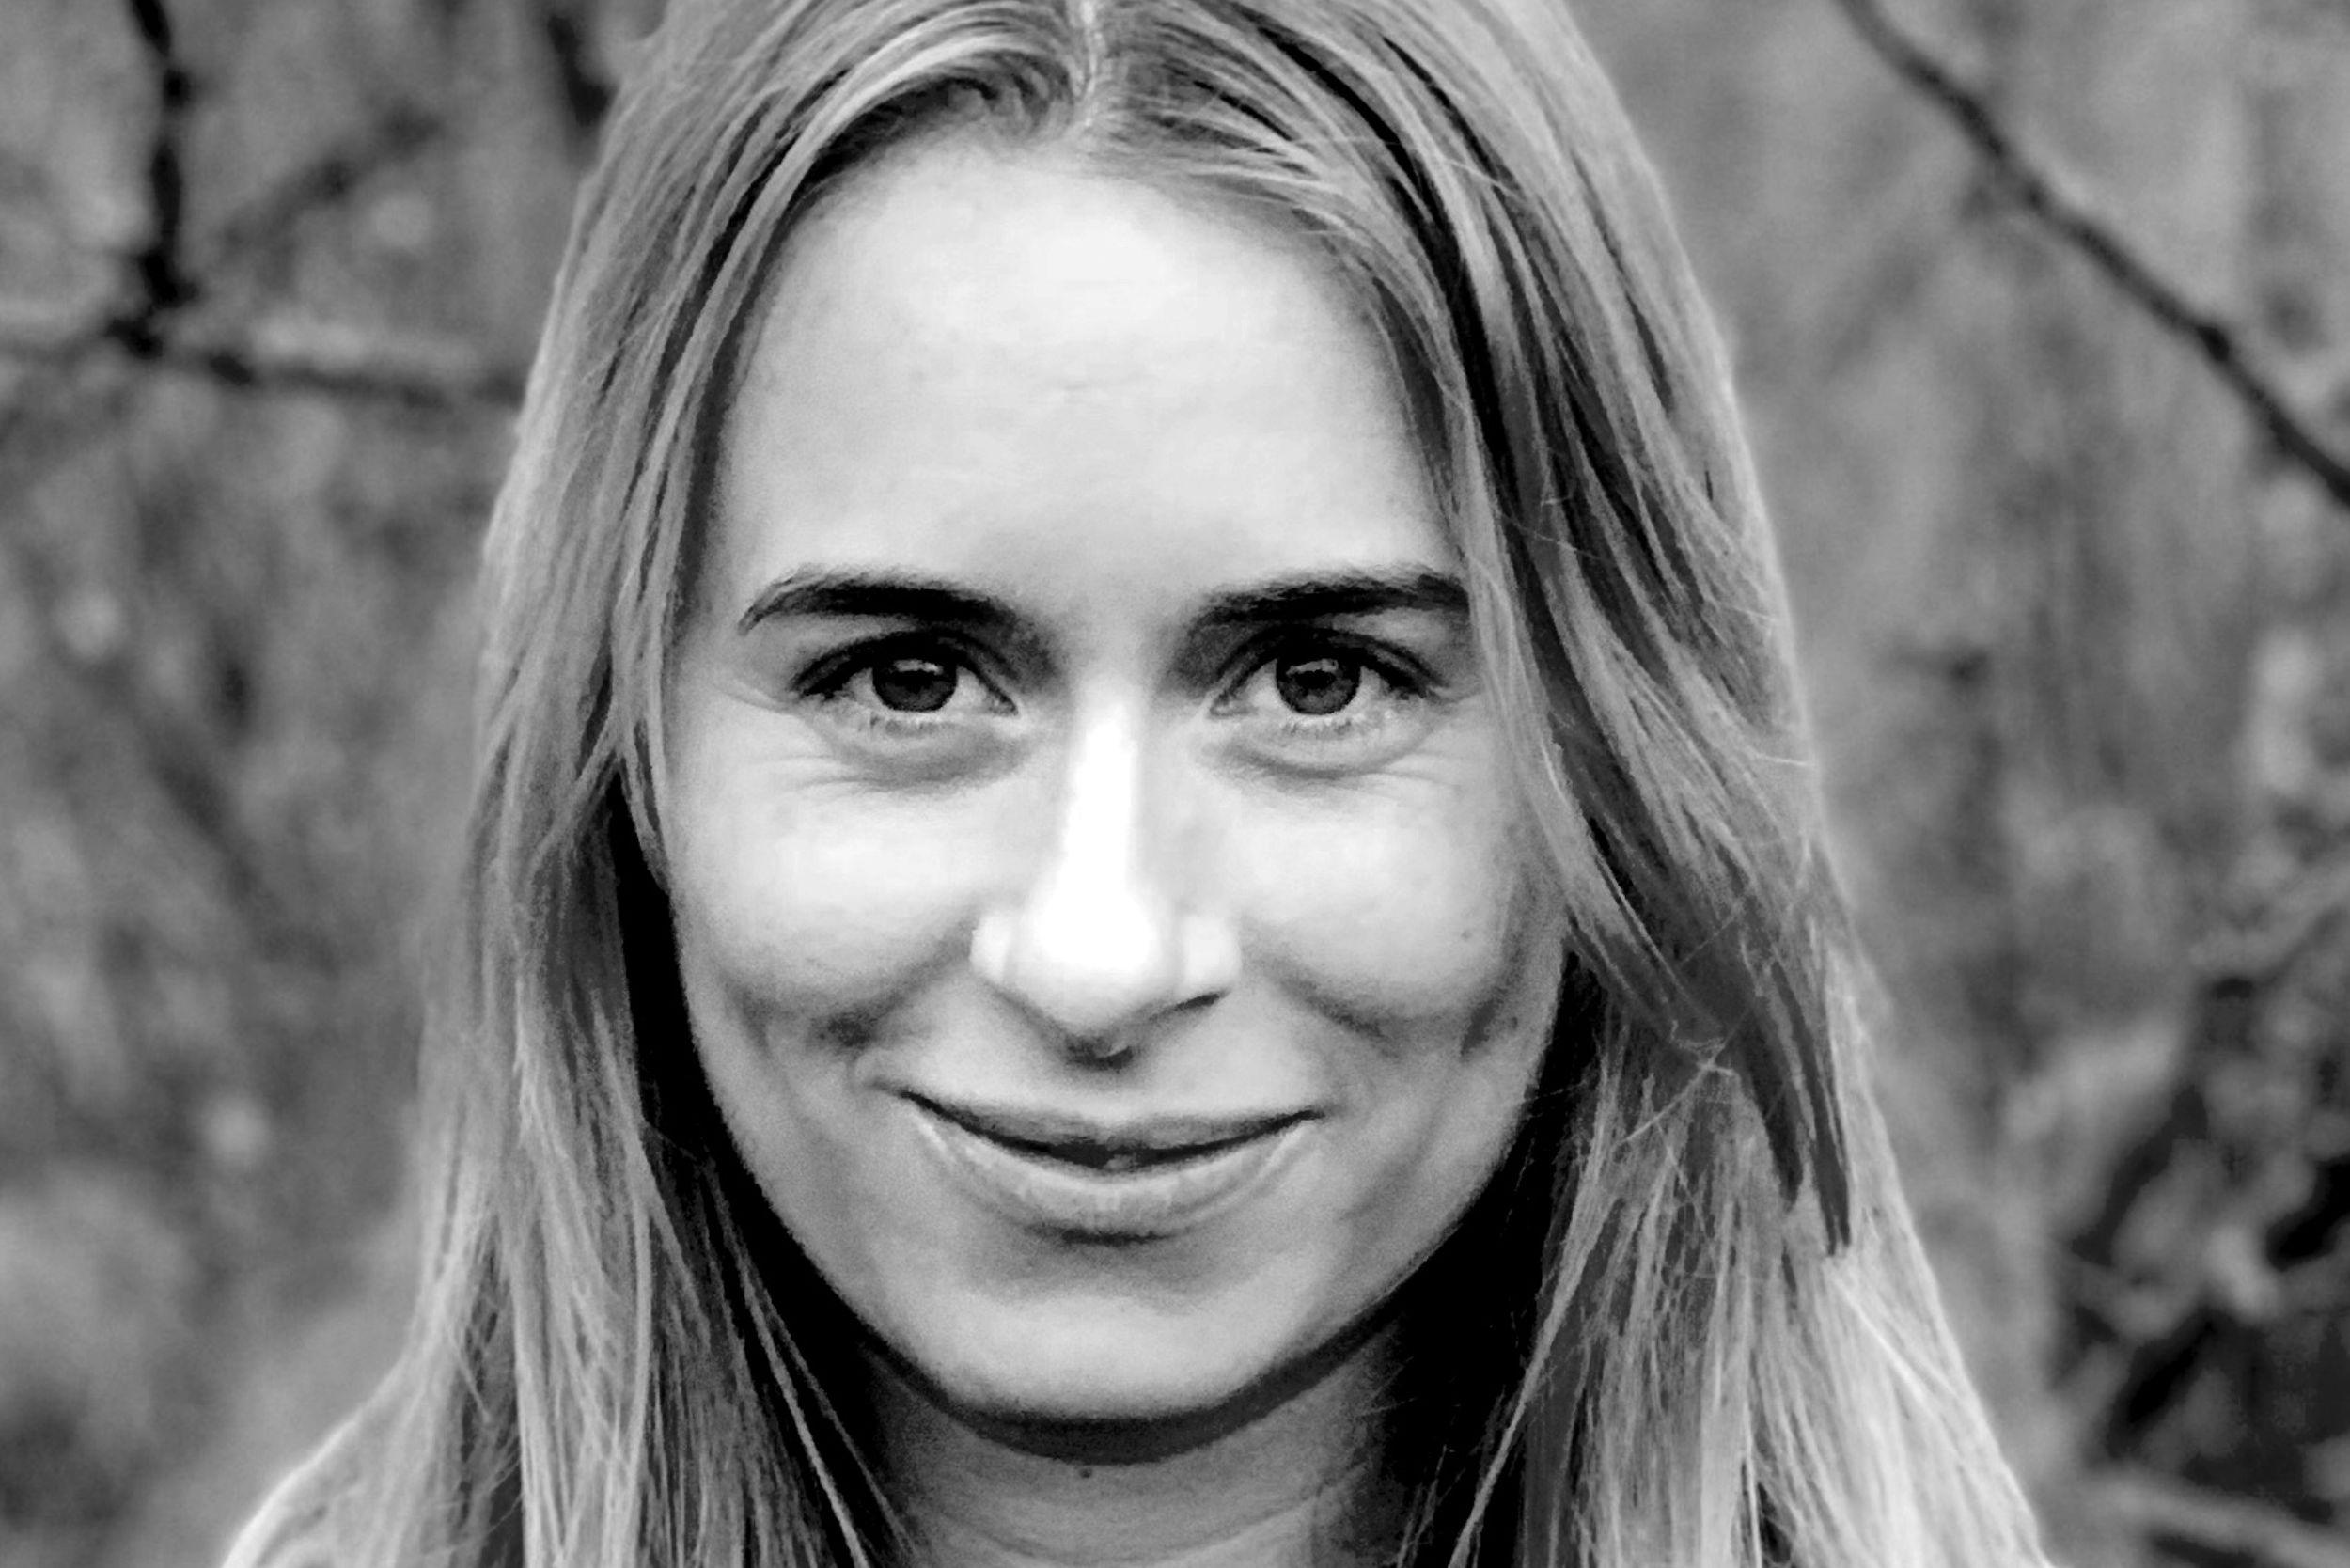 INTERVIEW WITH DIRECTOR EMMA LUND RASMUSSEN